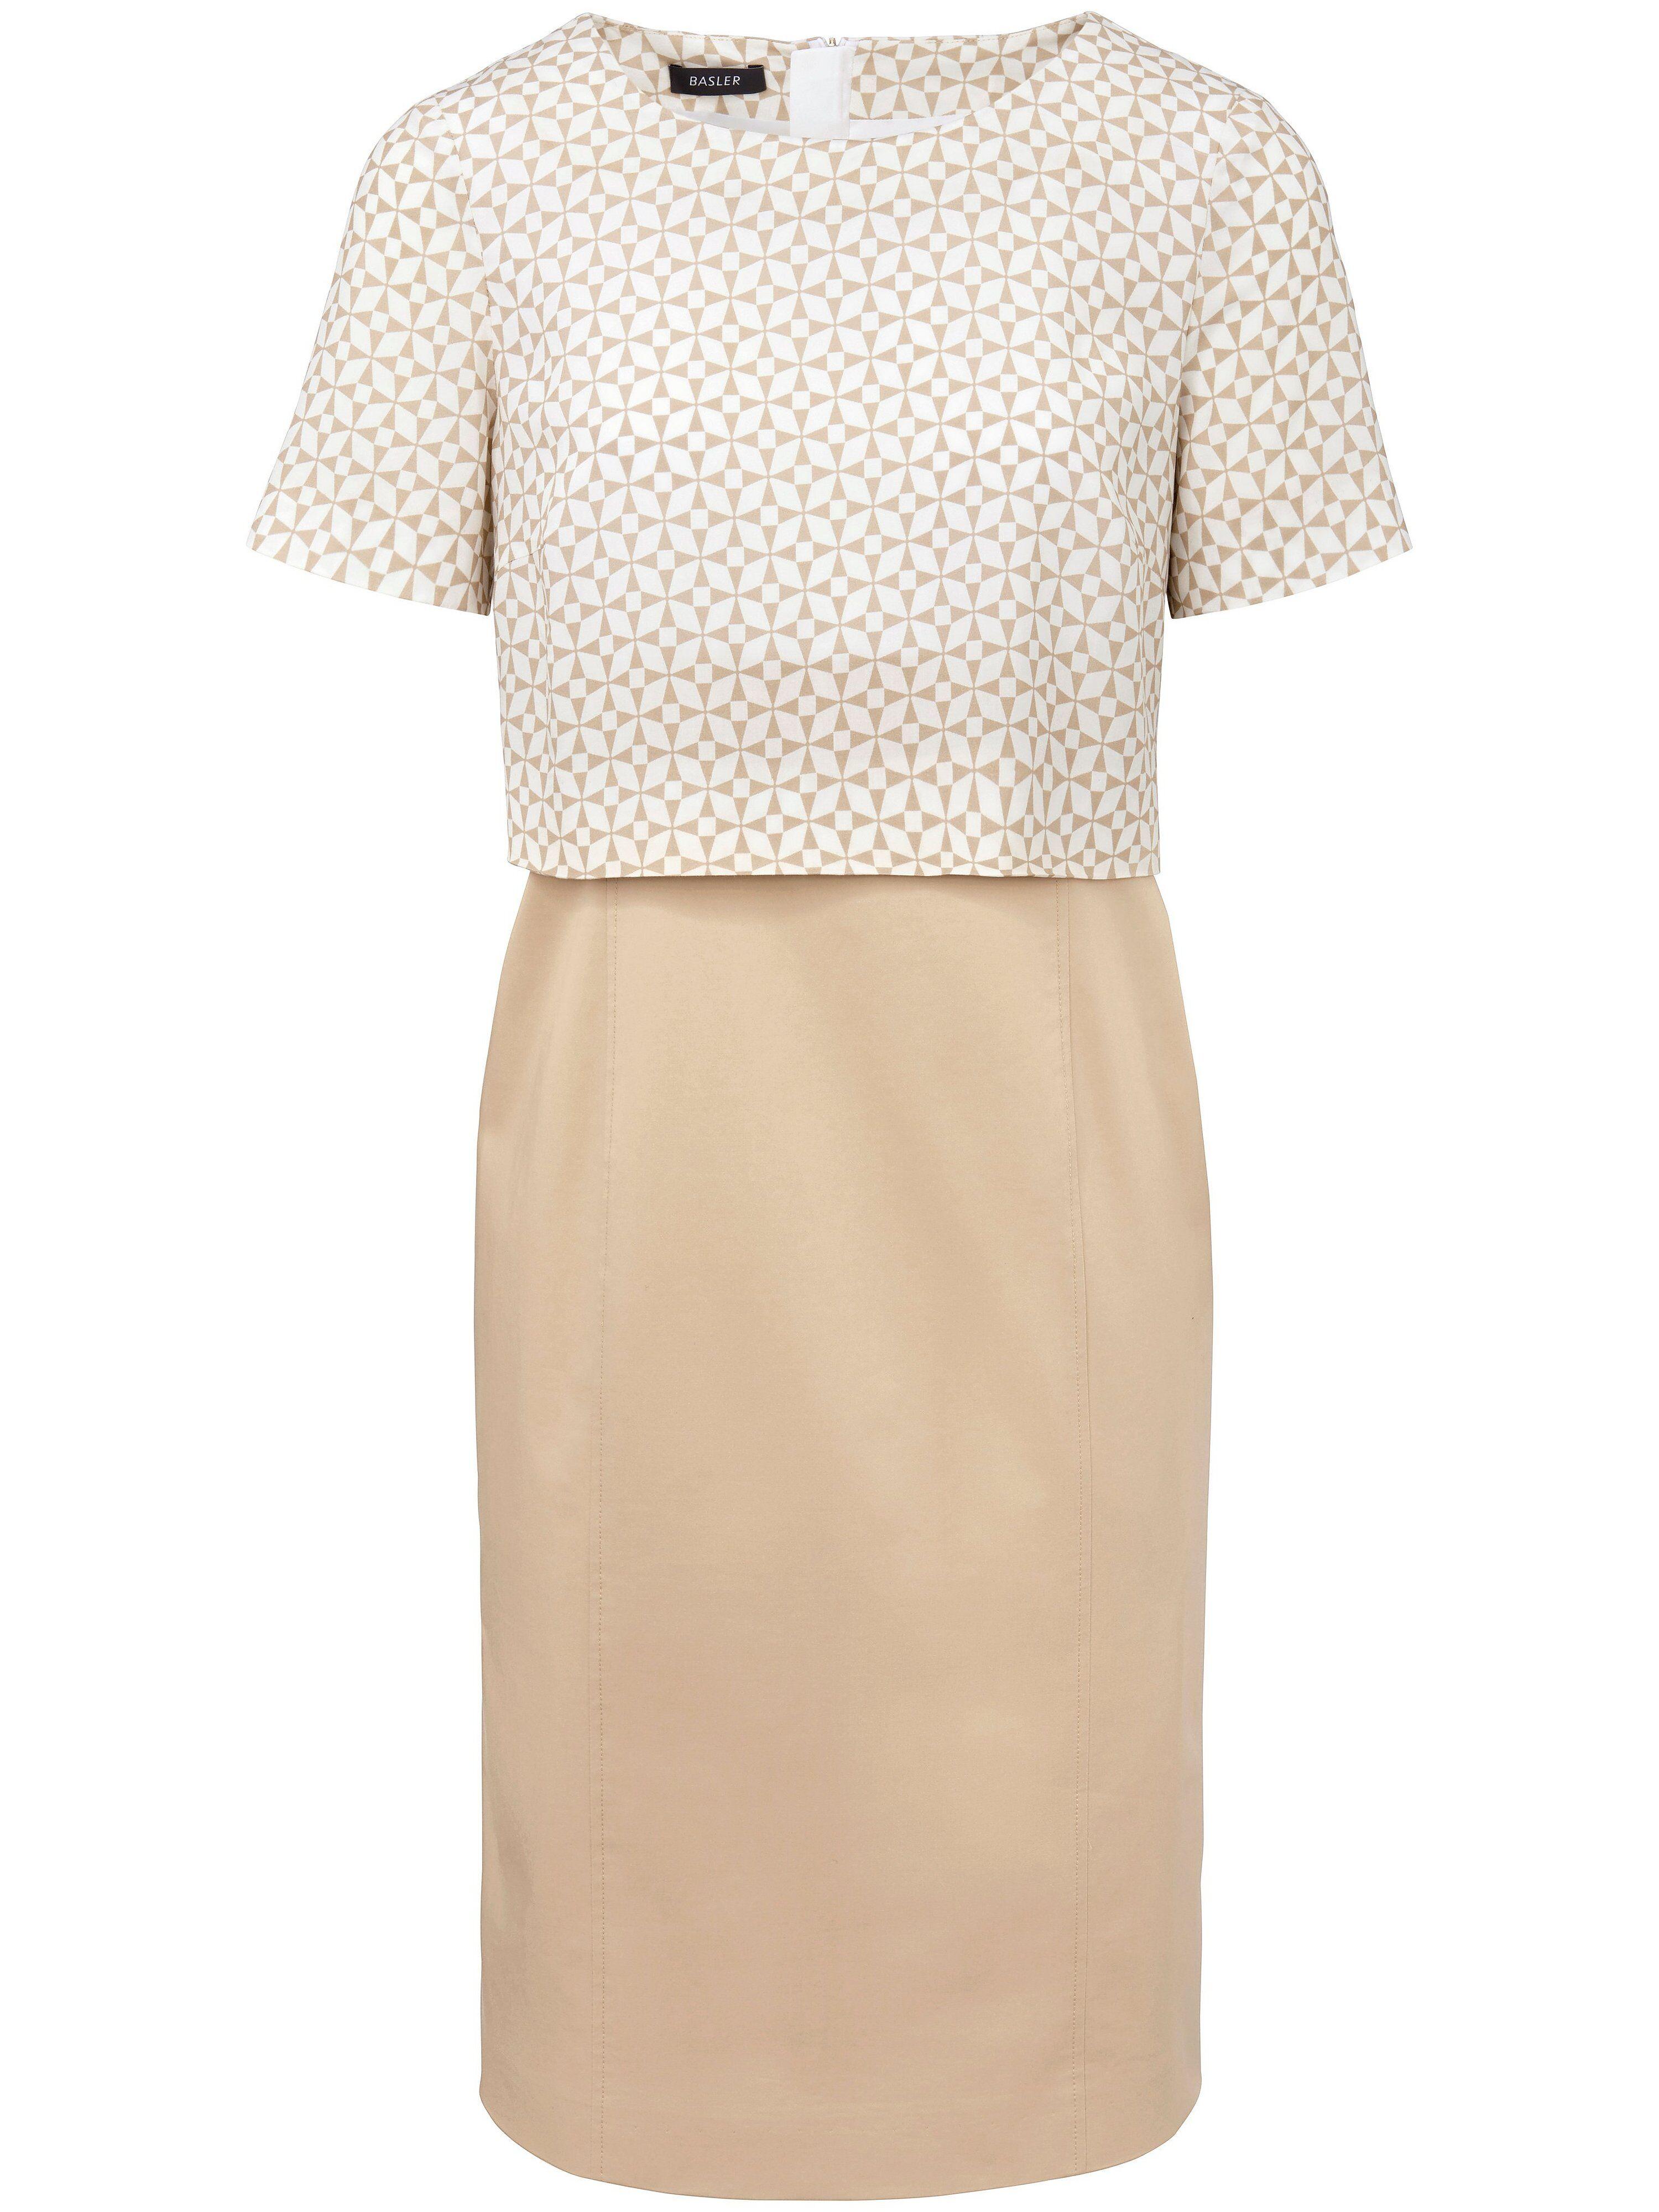 Basler La robe ligne crayon  Basler beige  - Femme - 48